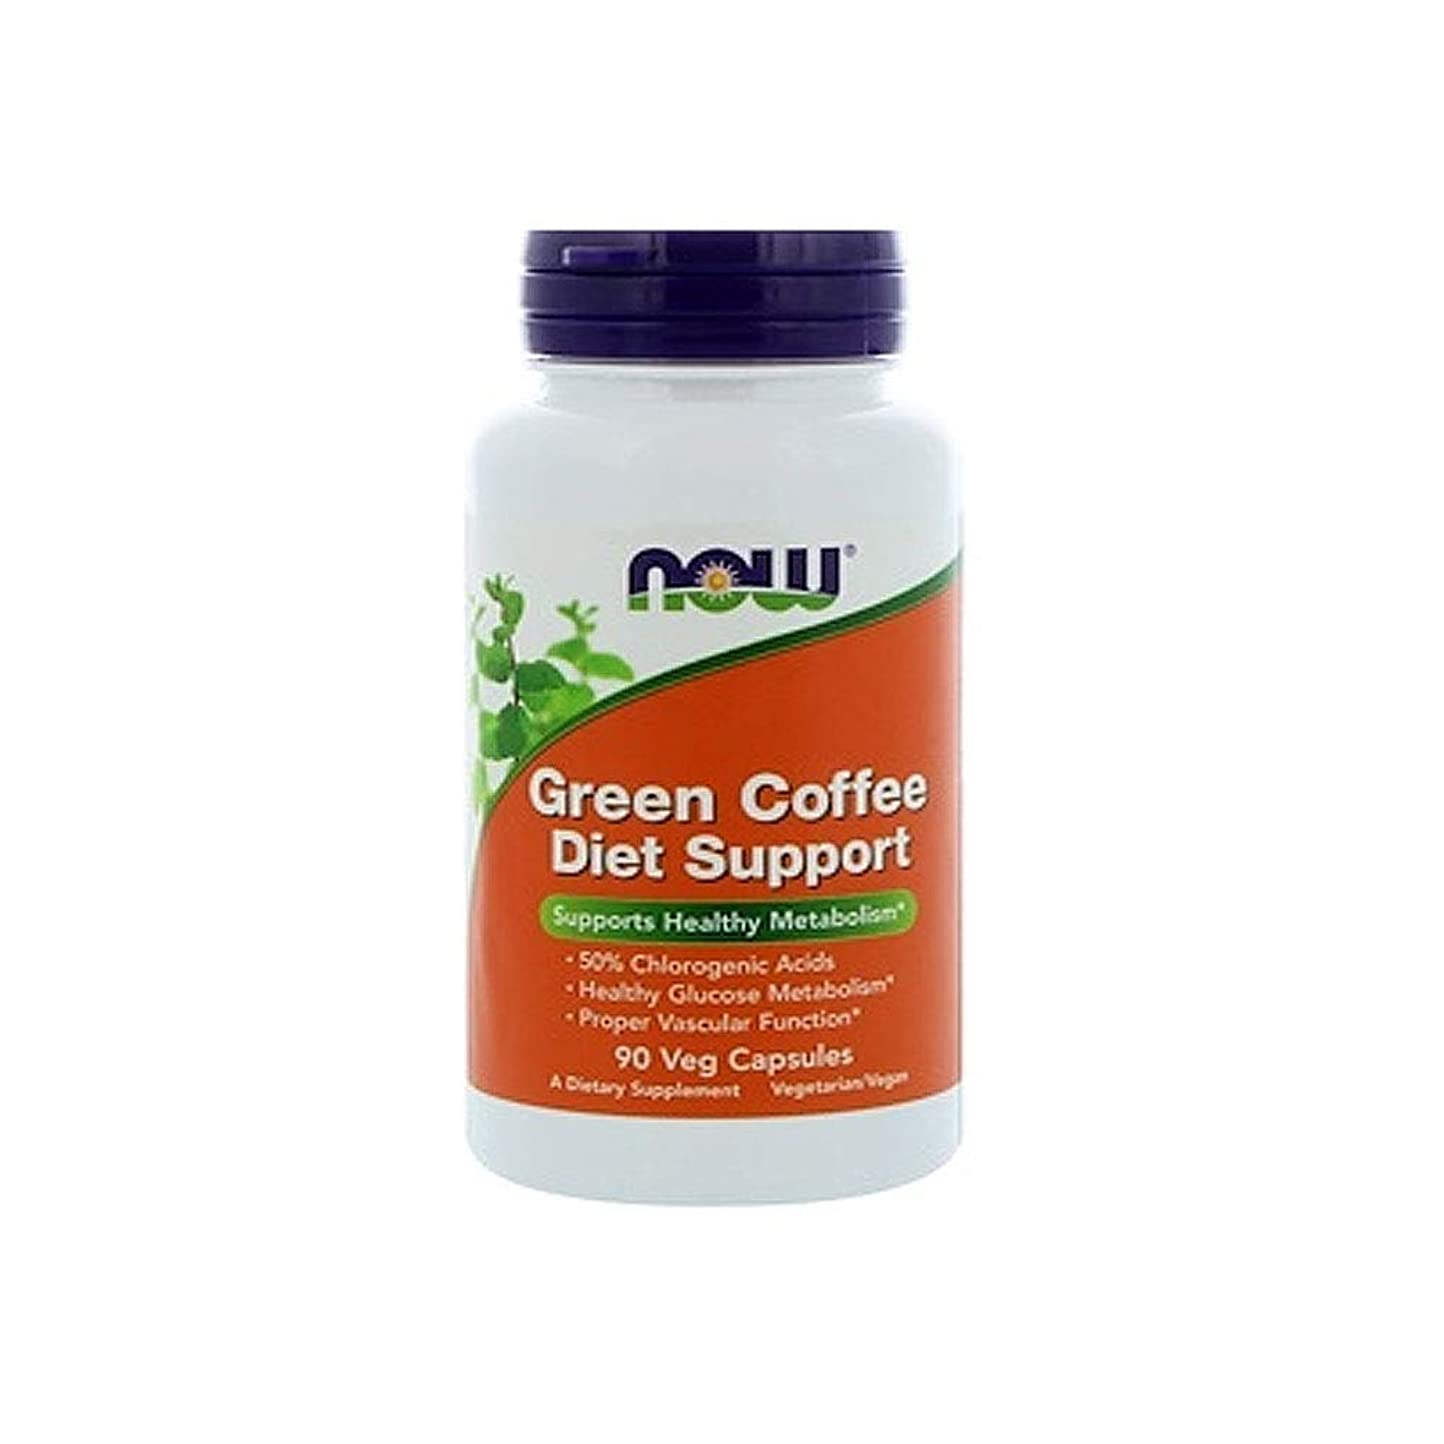 フリンジ登場各[海外直送品] ナウフーズ グリーンコーヒー ダイエットサポート(クロロゲン酸含有) 90粒